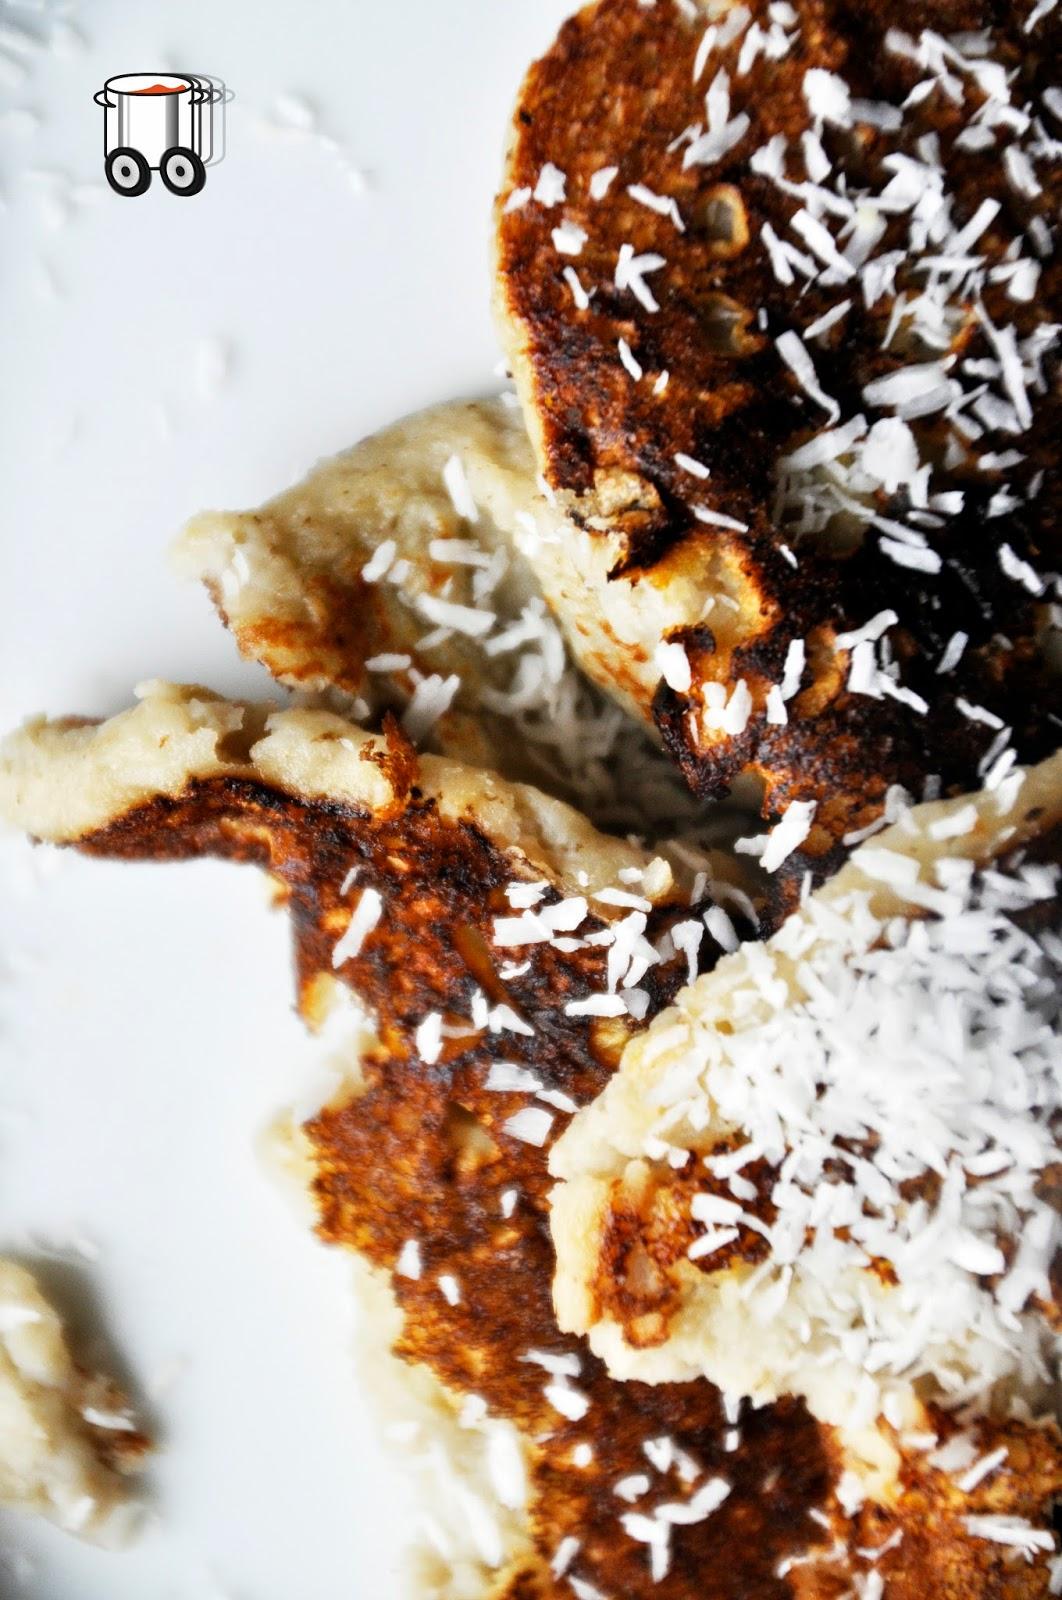 Szybko Tanio Smacznie - Beztłuszczowe placuszki bananowo-kokosowe